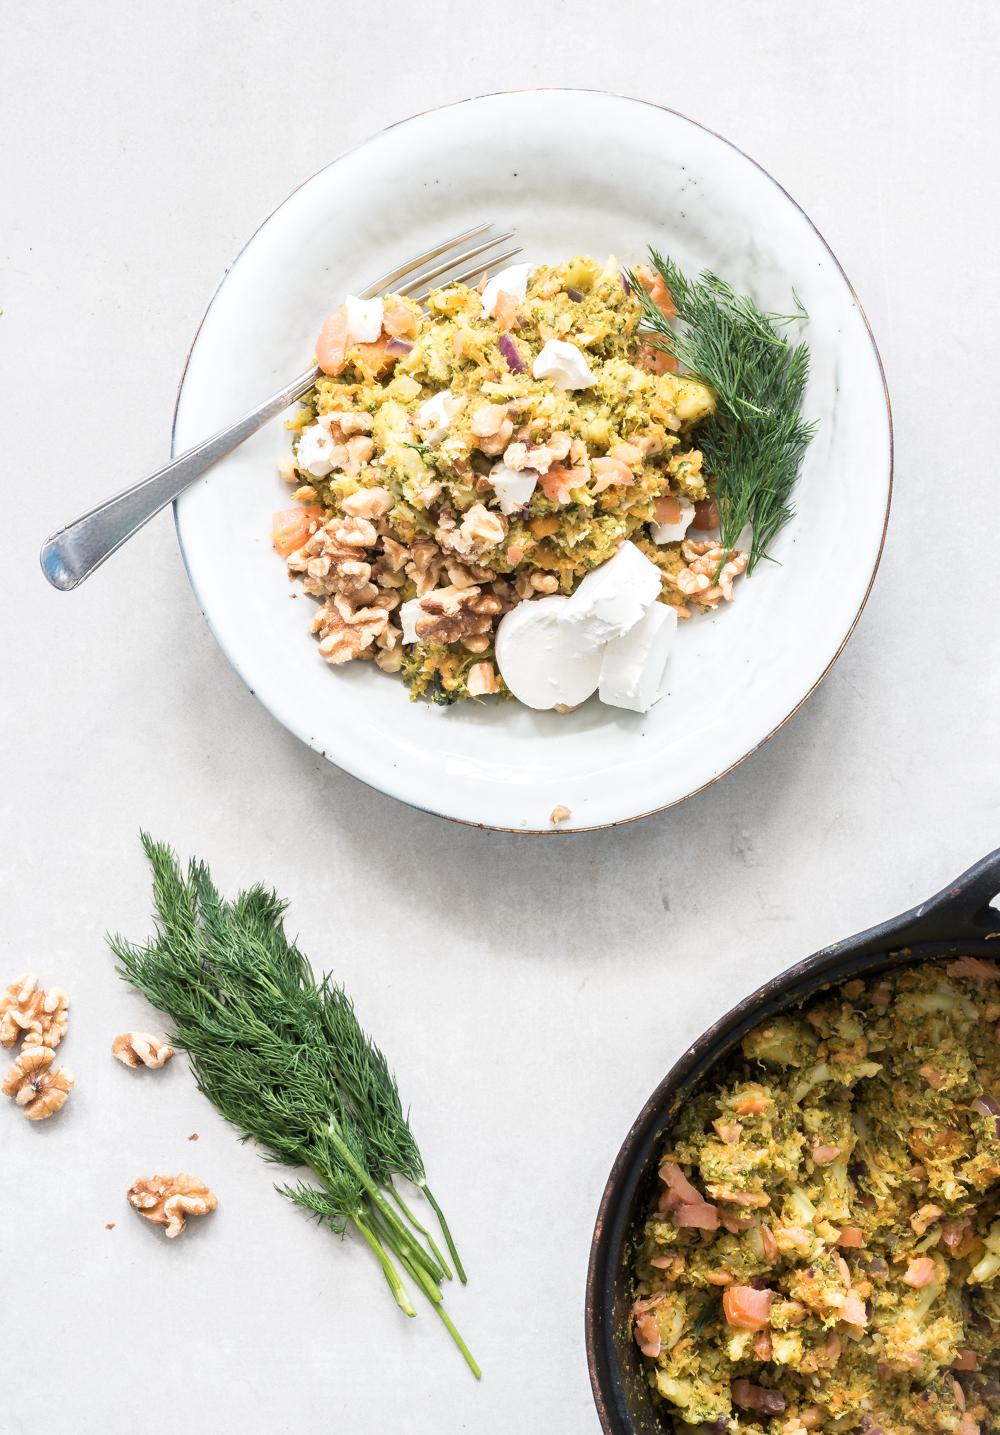 Recept voor stamppot met broccoli en zoete aardappel